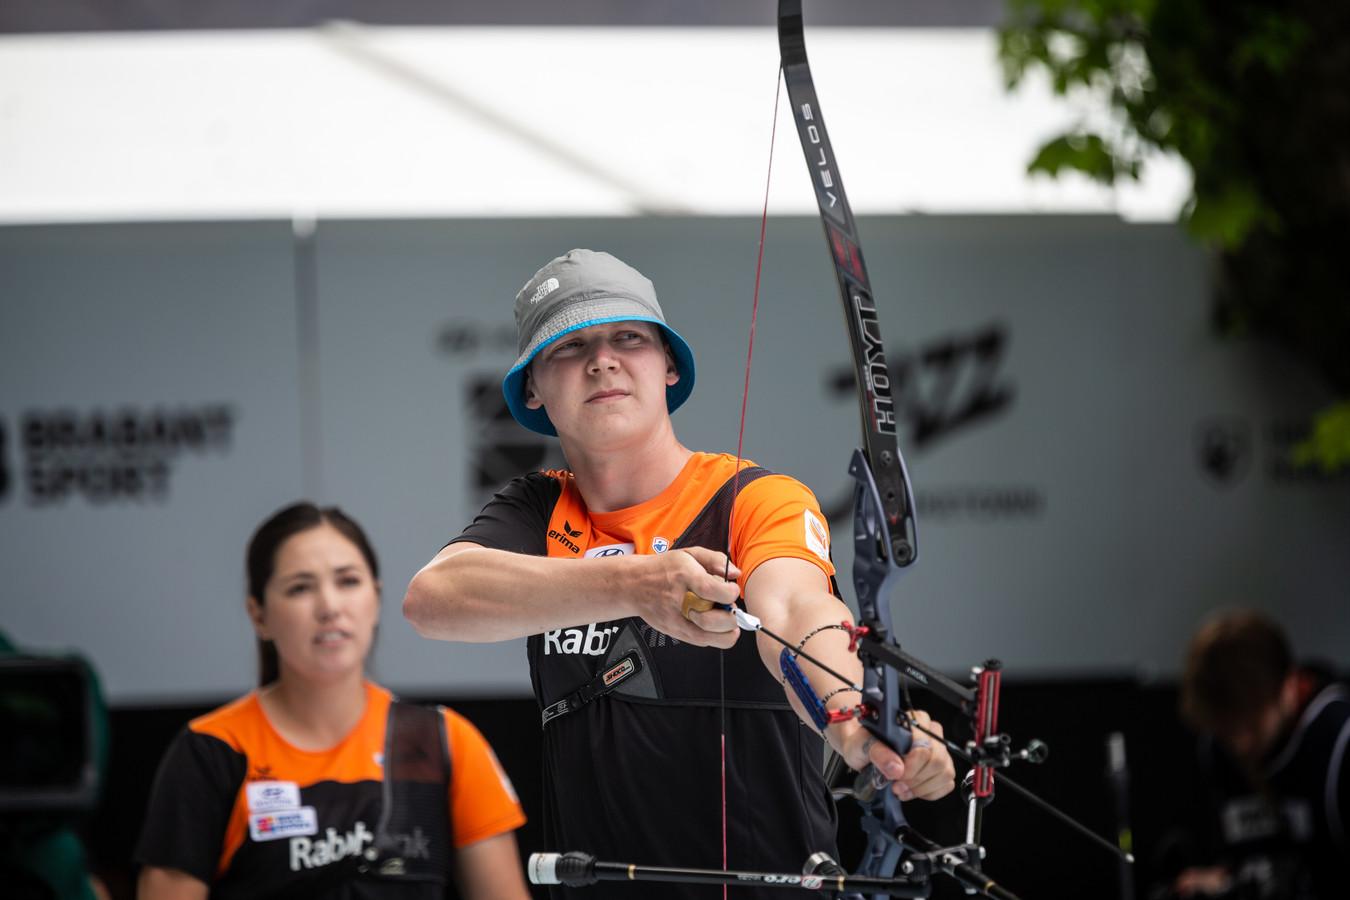 Sjef van den Berg en Gaby Schloesser staan in Parijs in de finale voor mixed teams.